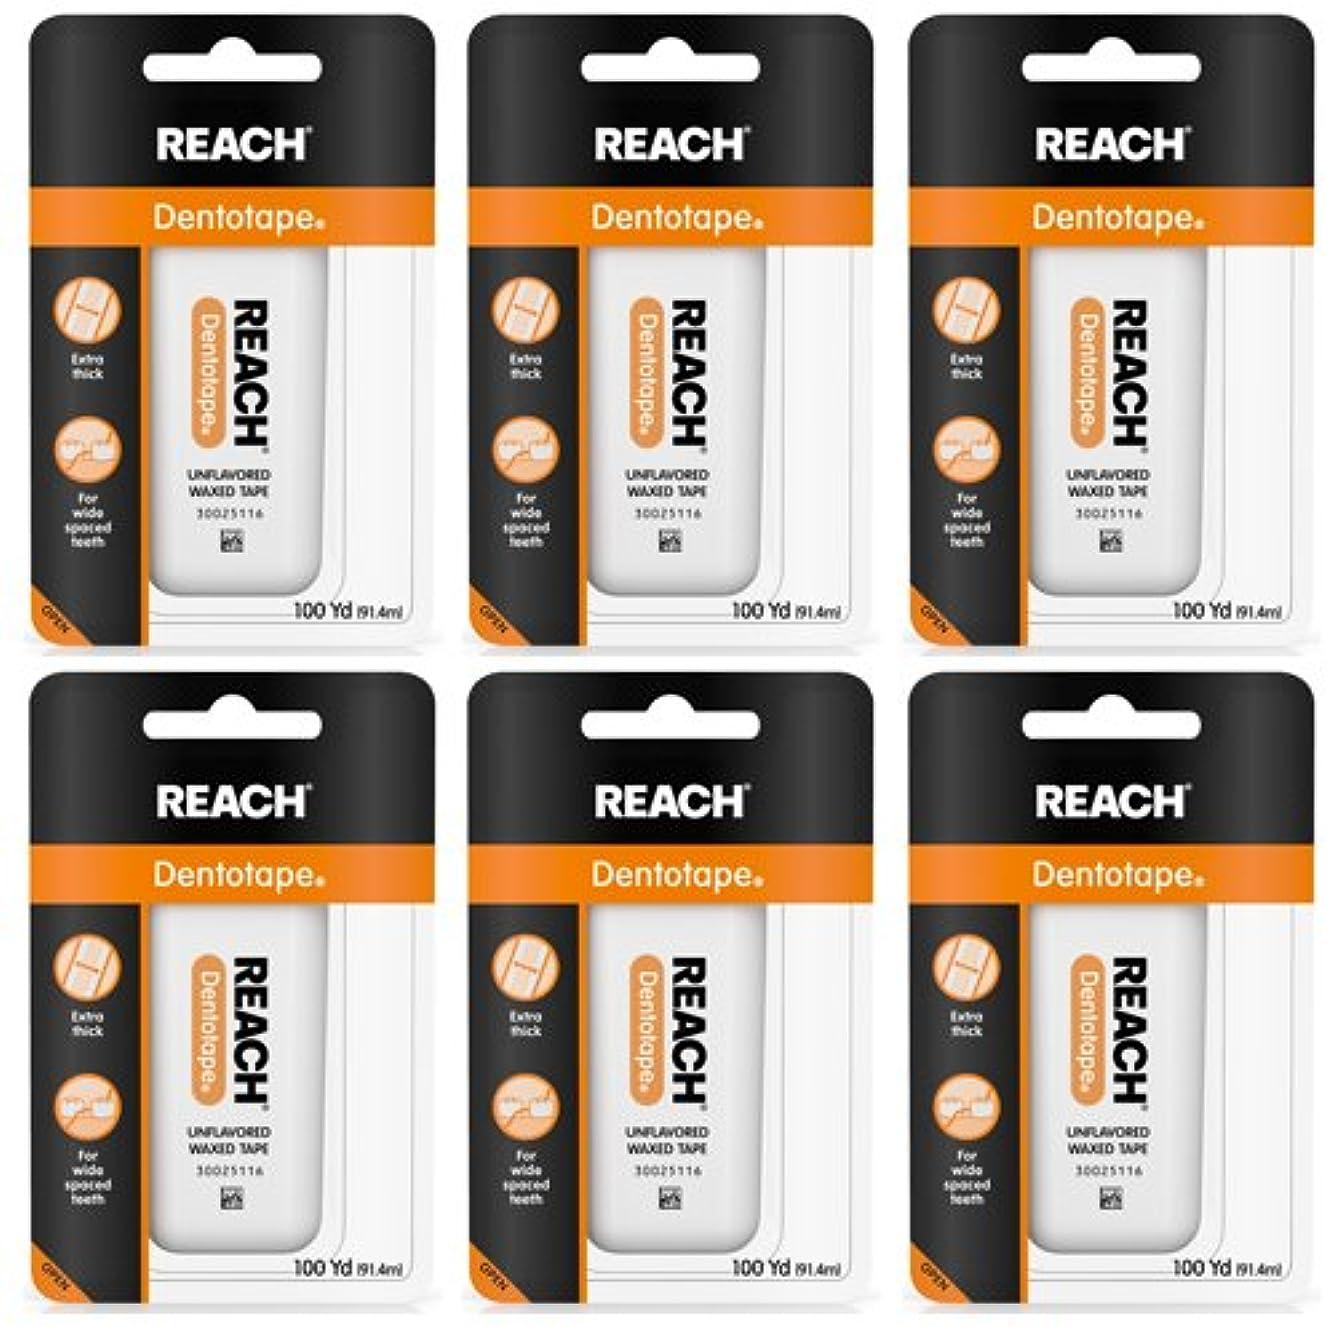 磁器写真仮説REACH リーチ デンタルフロス ワックス付き ノンフレーバー 100ヤード 6個セット 【海外直送品】